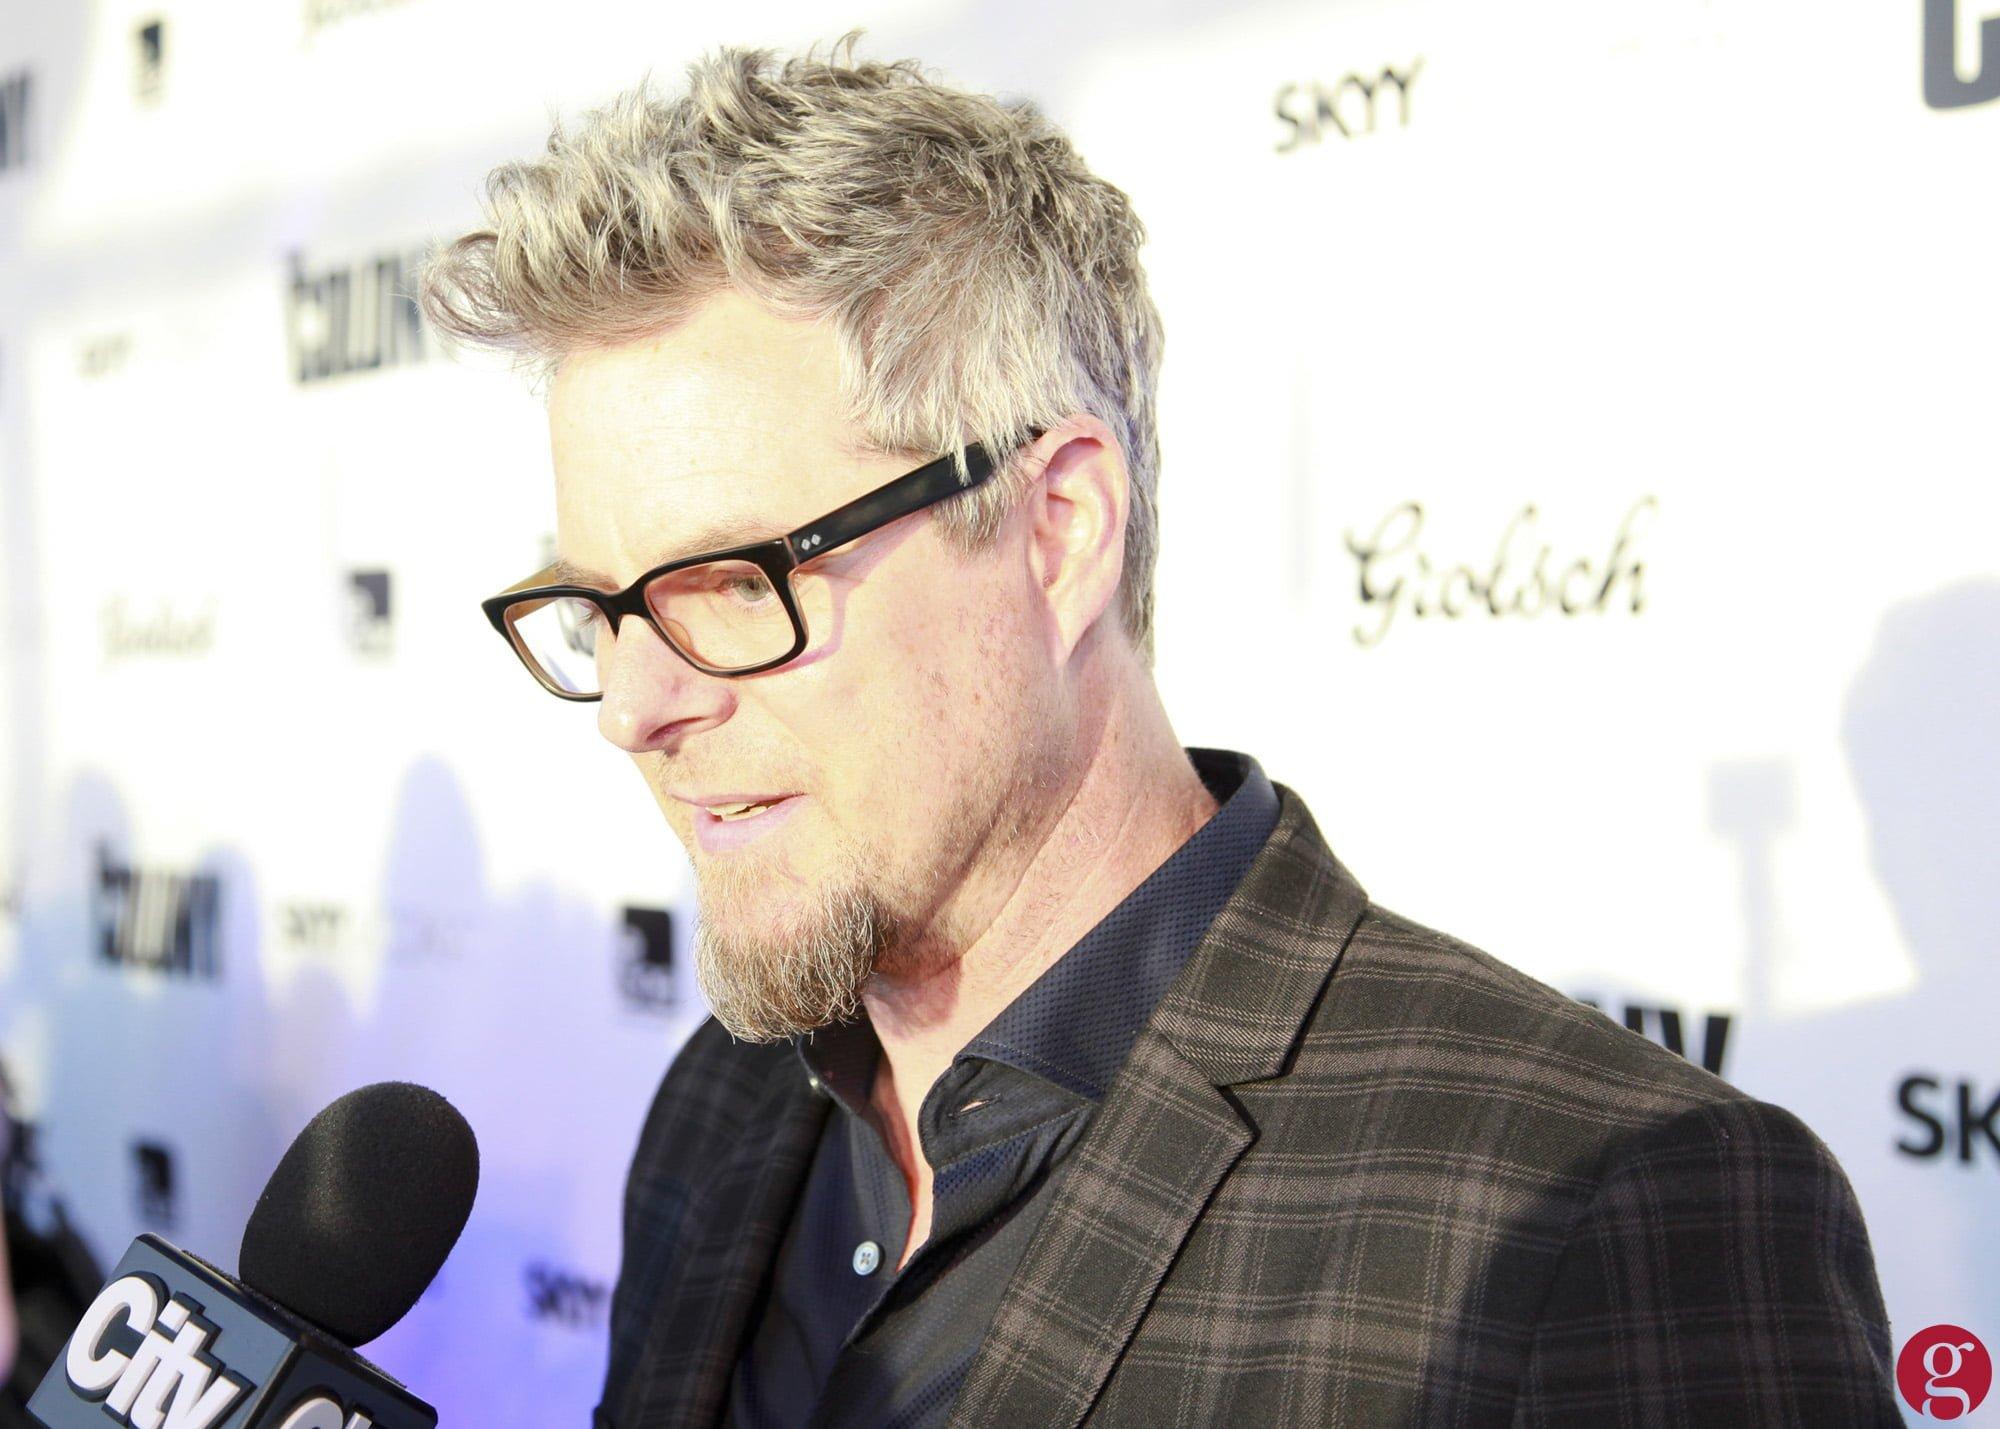 Director Jeff Renfroe